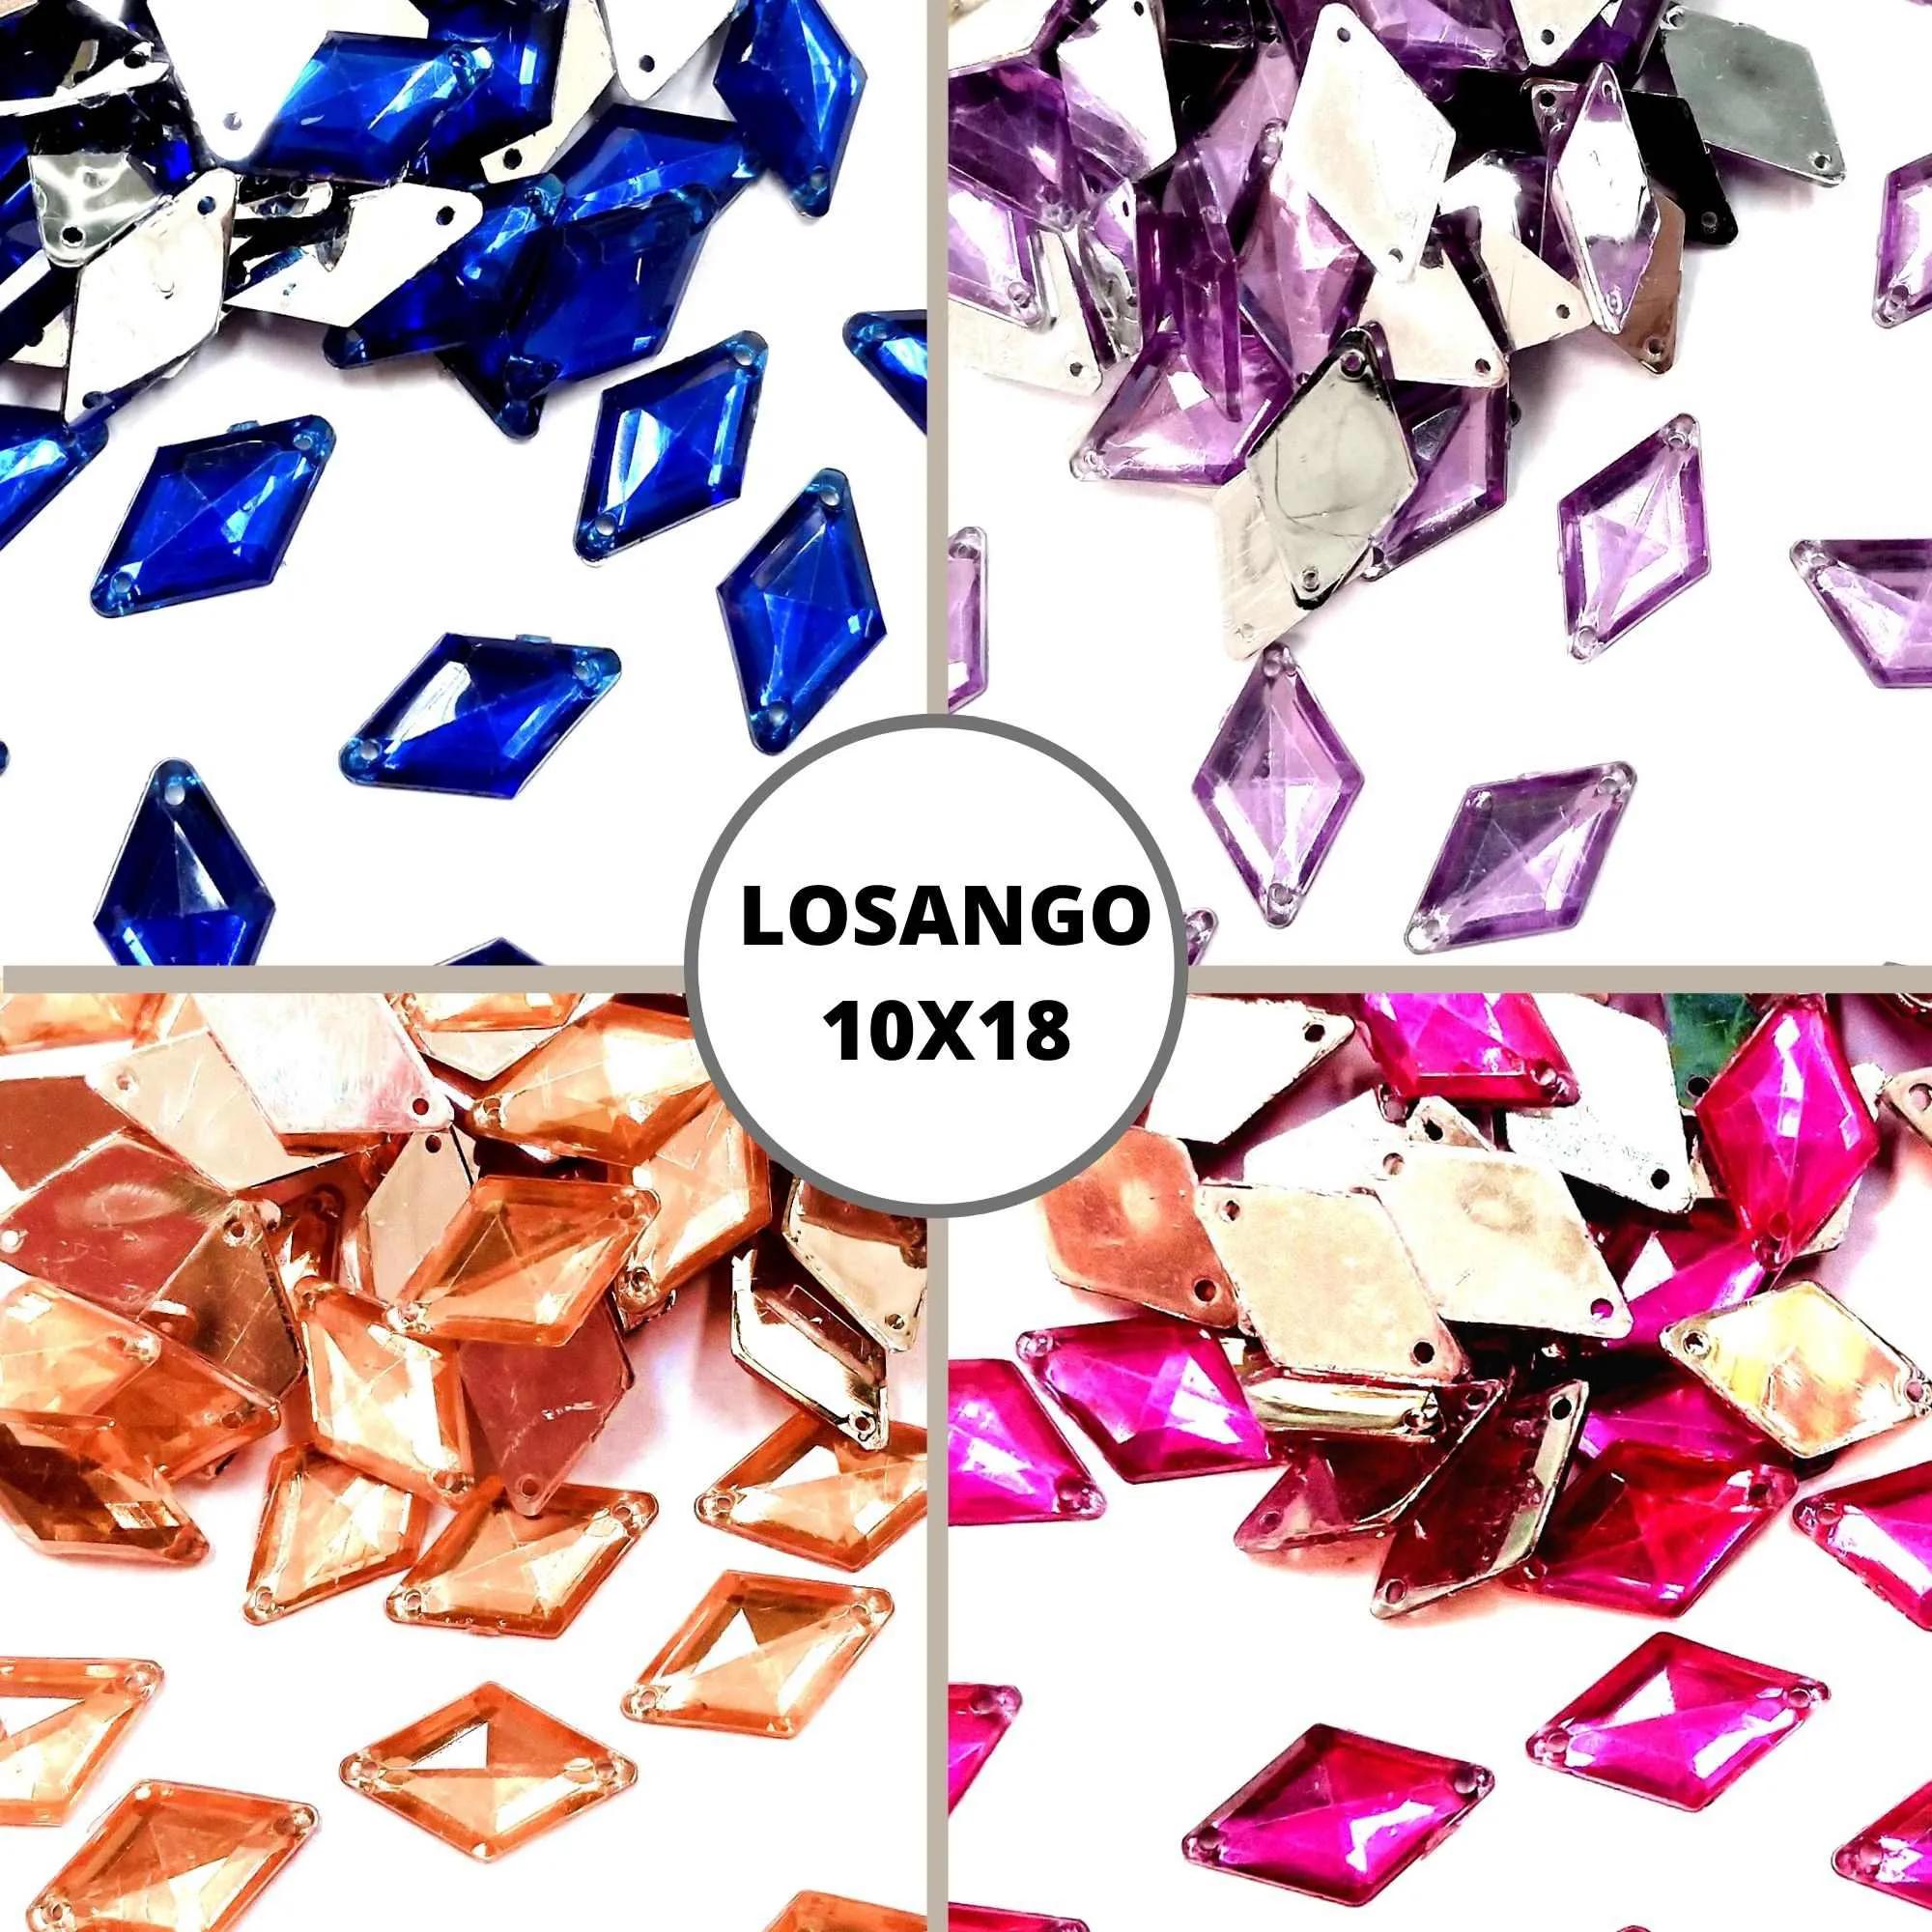 Chaton Losango 10x18 - Pacote com 200 unidades